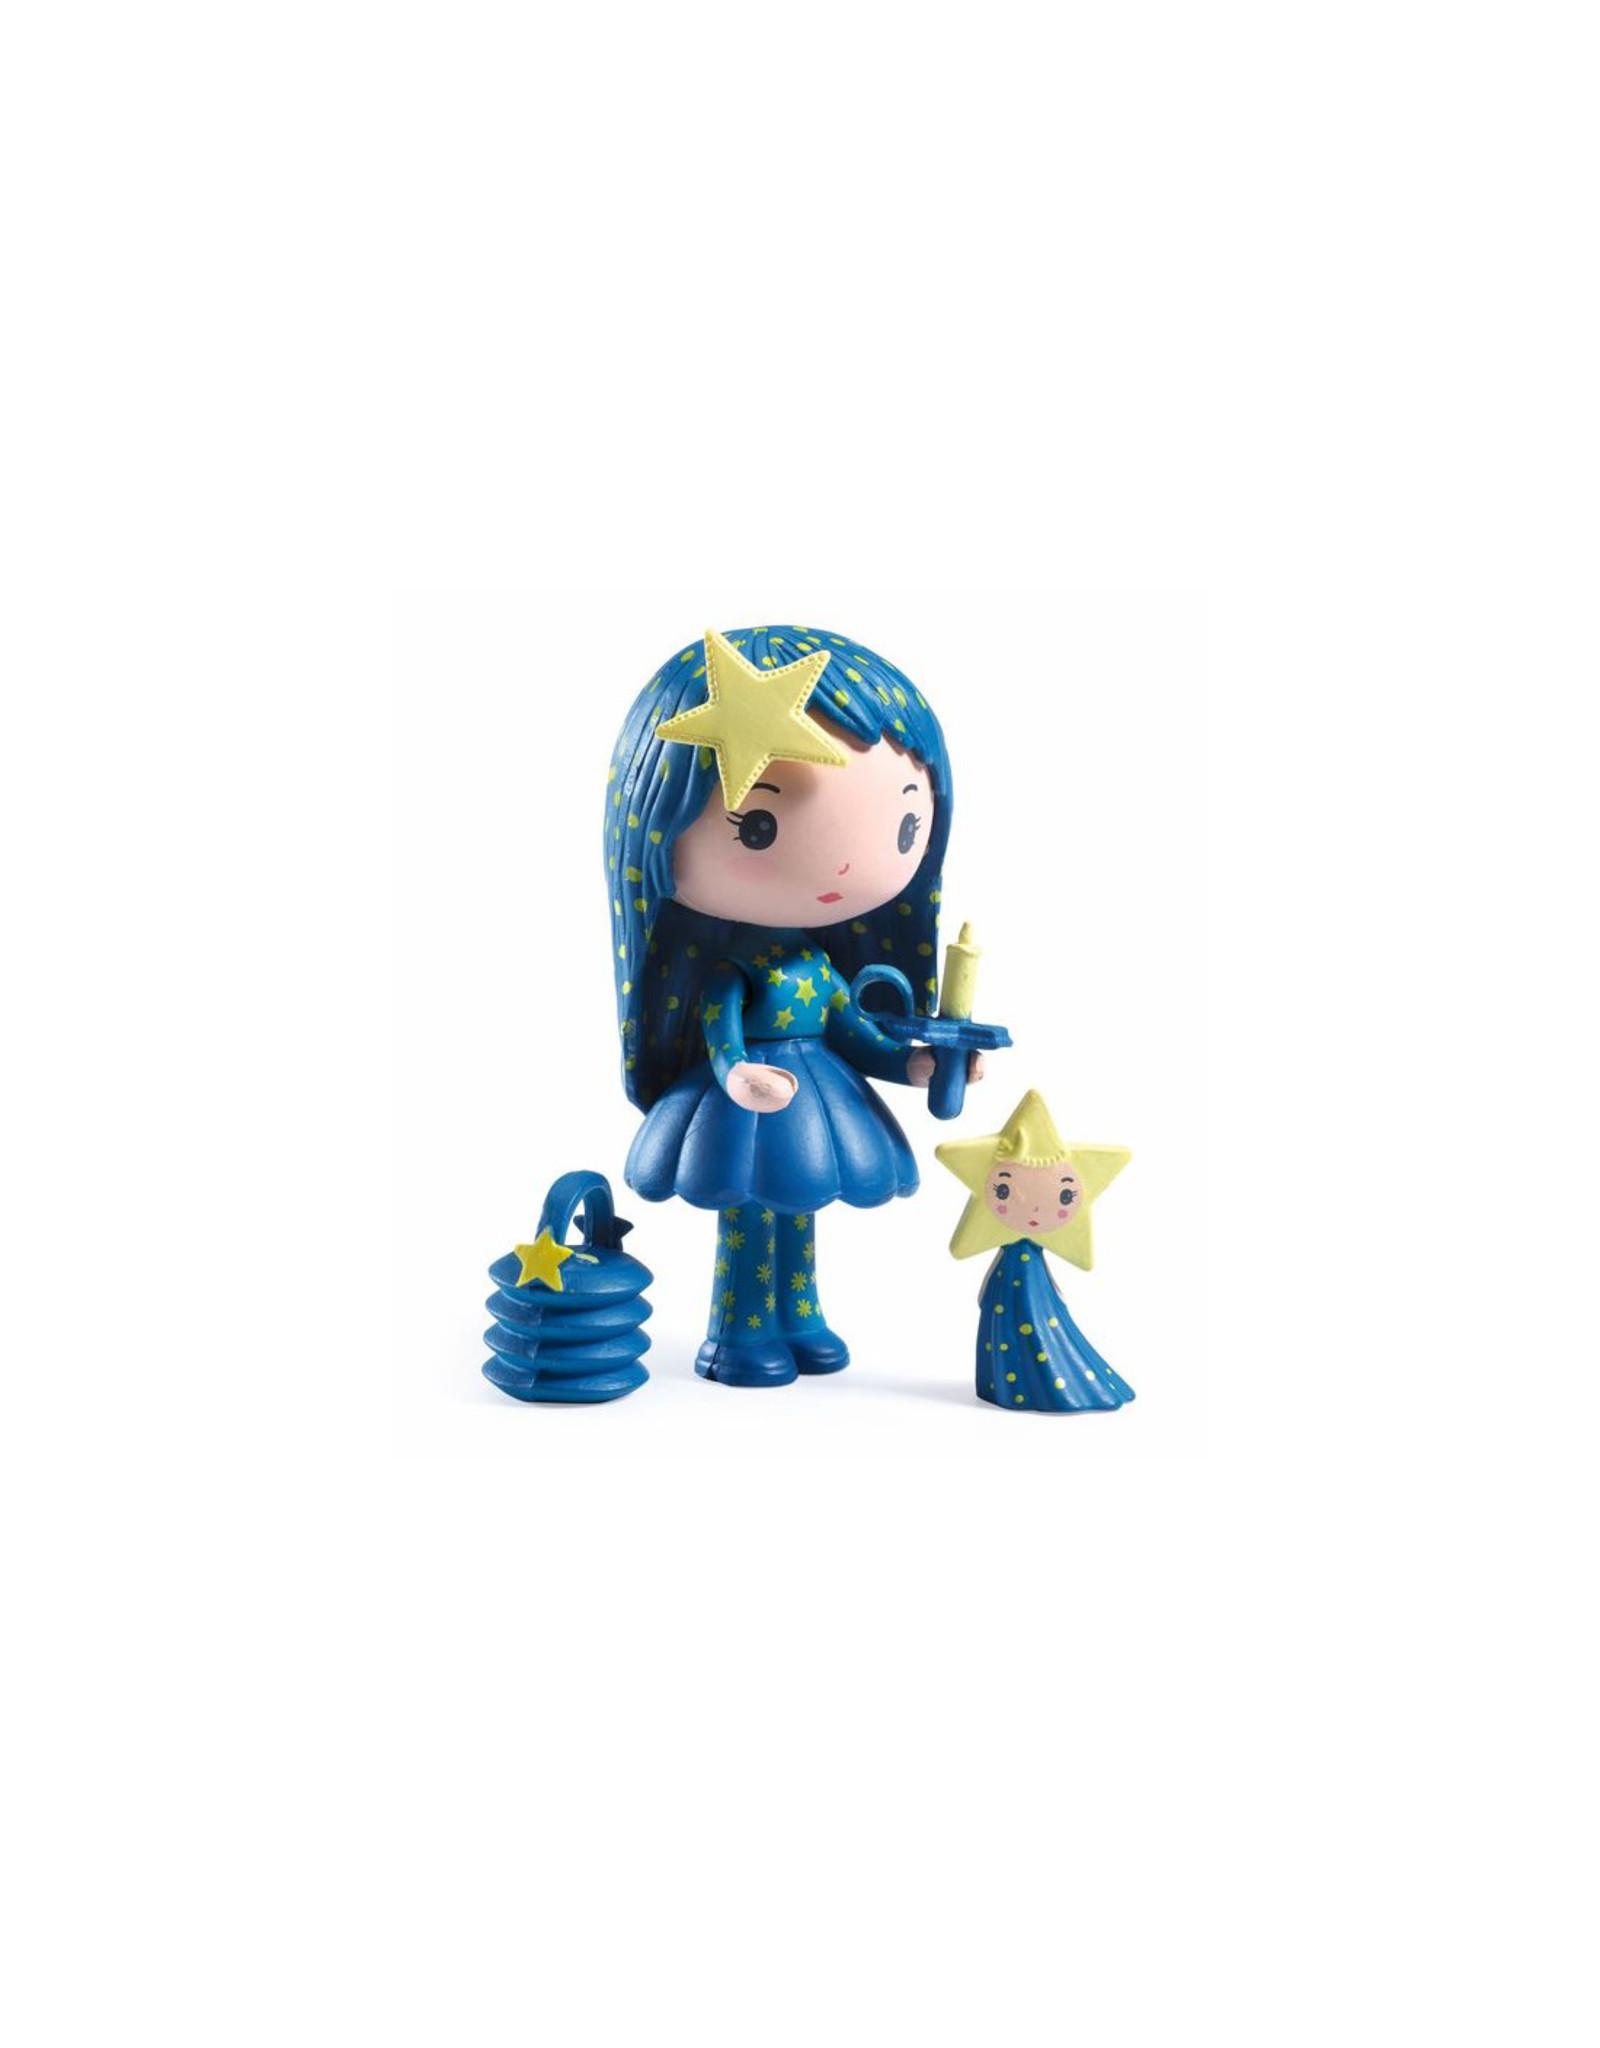 Djeco Luz et Light figurines Tinyly